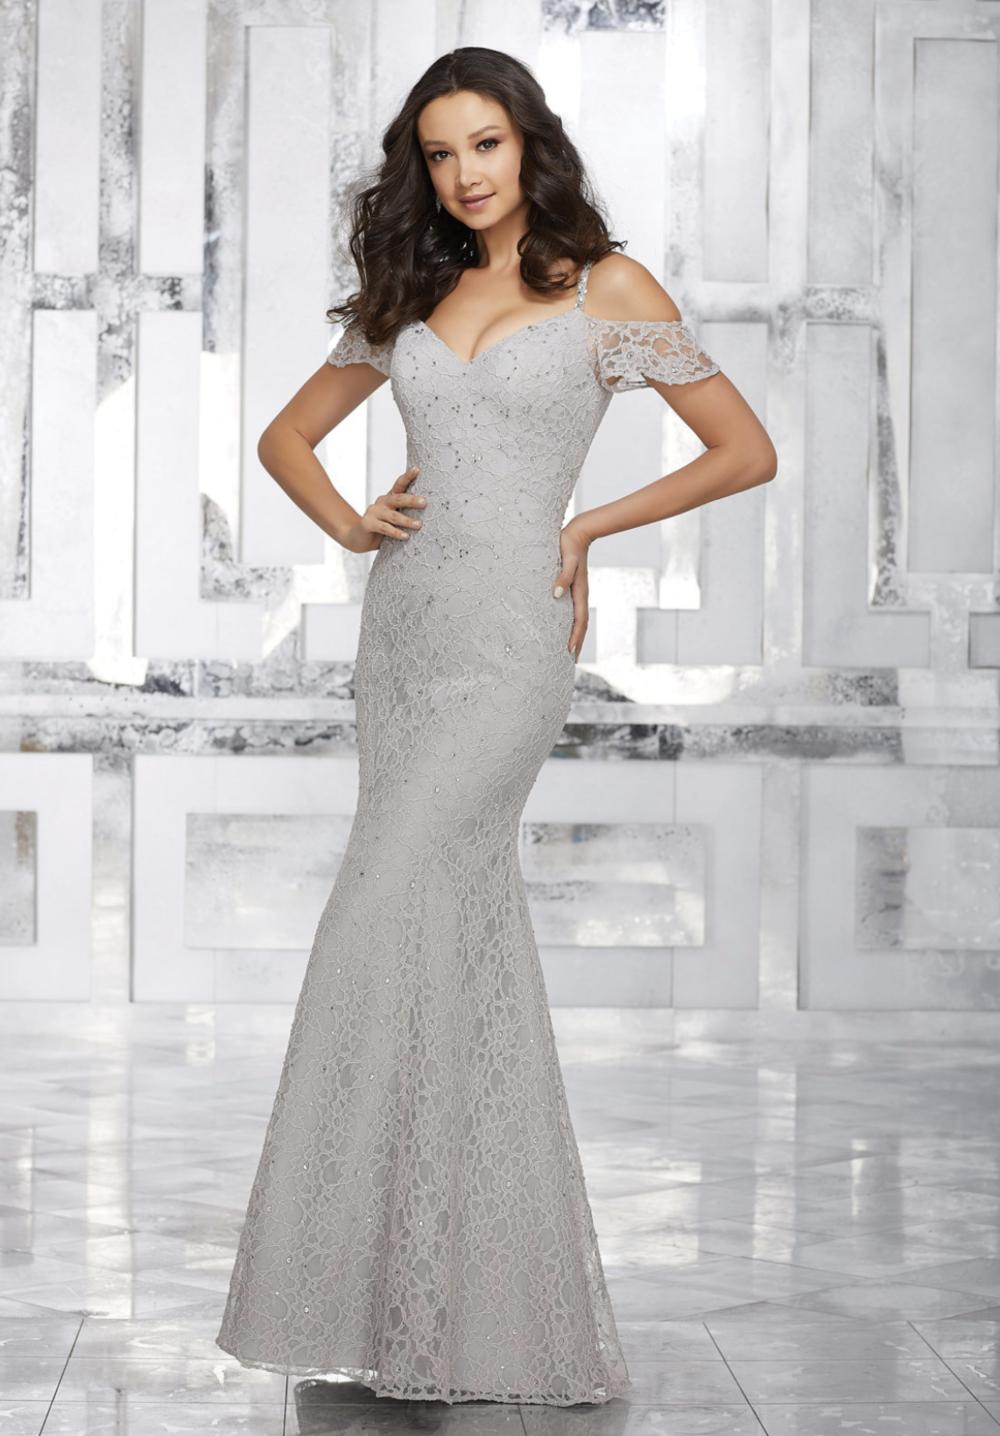 559dfb6fc863 B2 Bridesmaids at Irma's Bridal